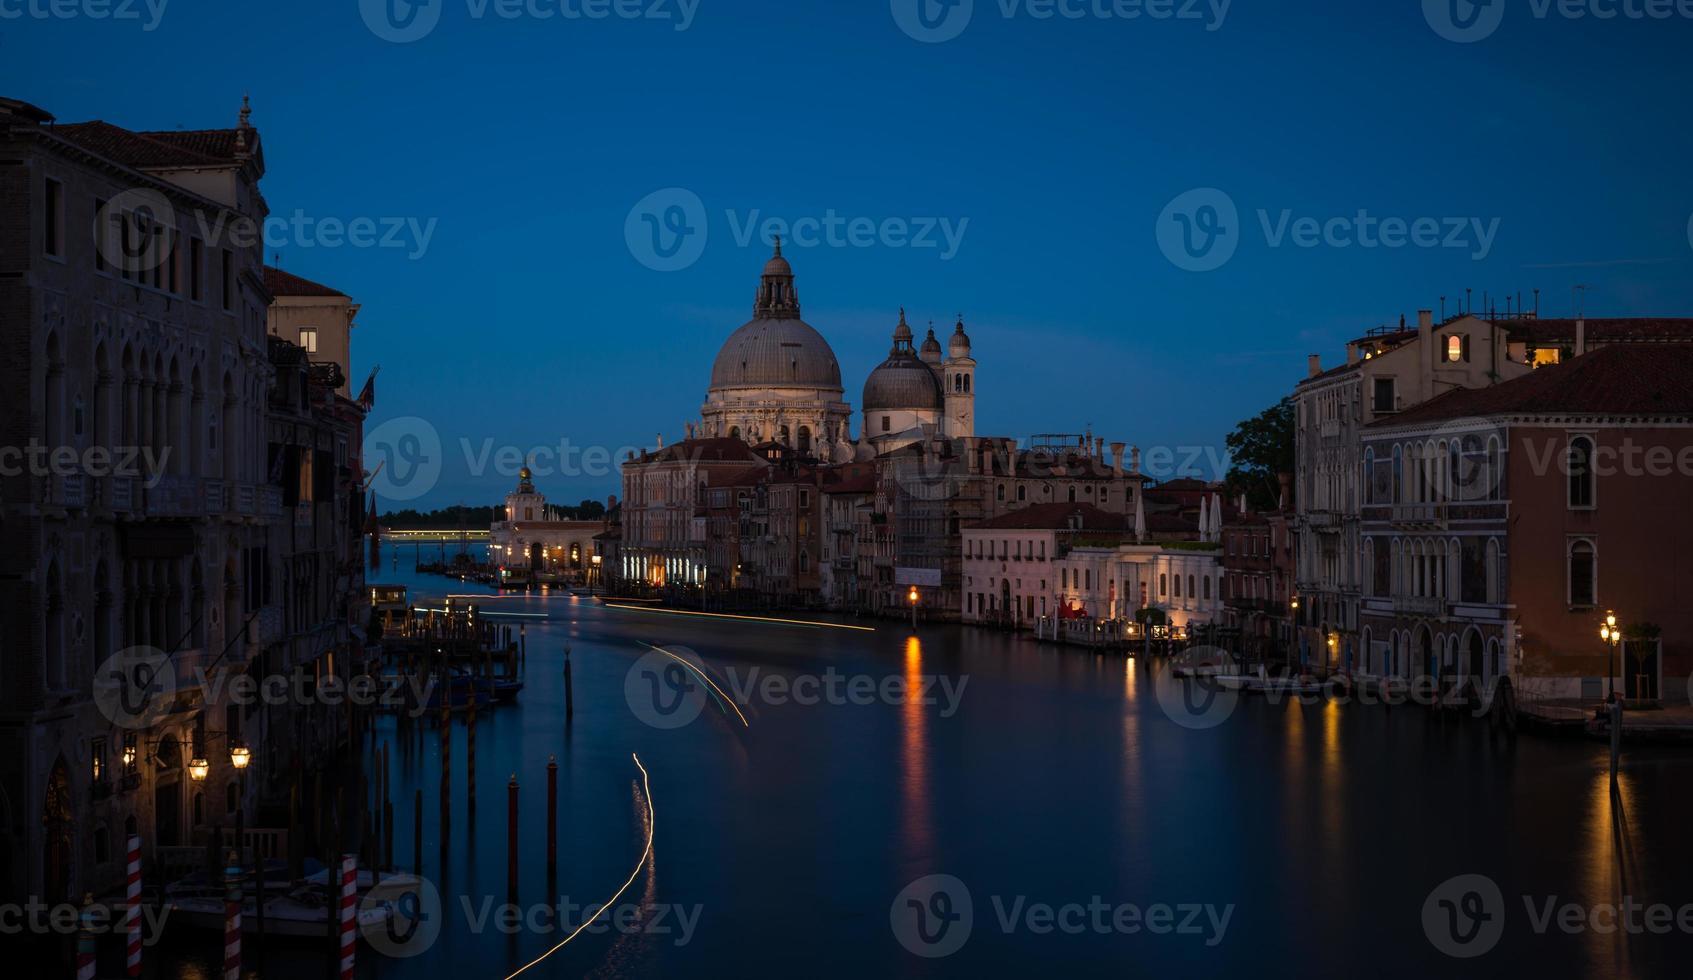 Venedig nattskytte foto